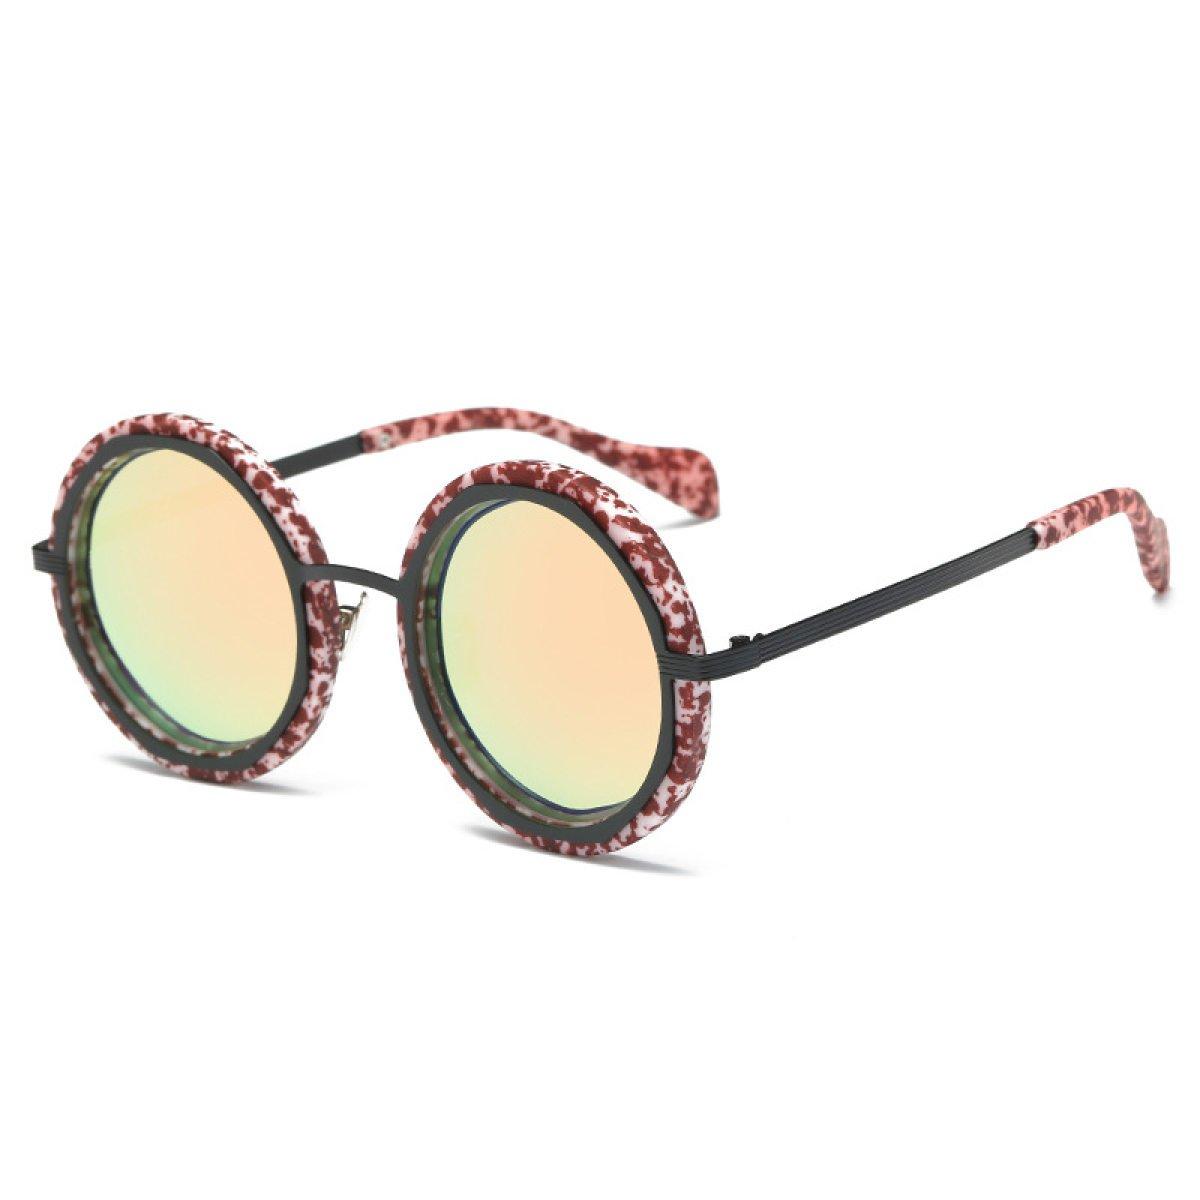 Nuevo Retro Marco Redondo Gafas De Sol Polarizadas Hombres Y Mujeres De Las Gafas De Sol Coloridas,A3: Amazon.es: Jardín